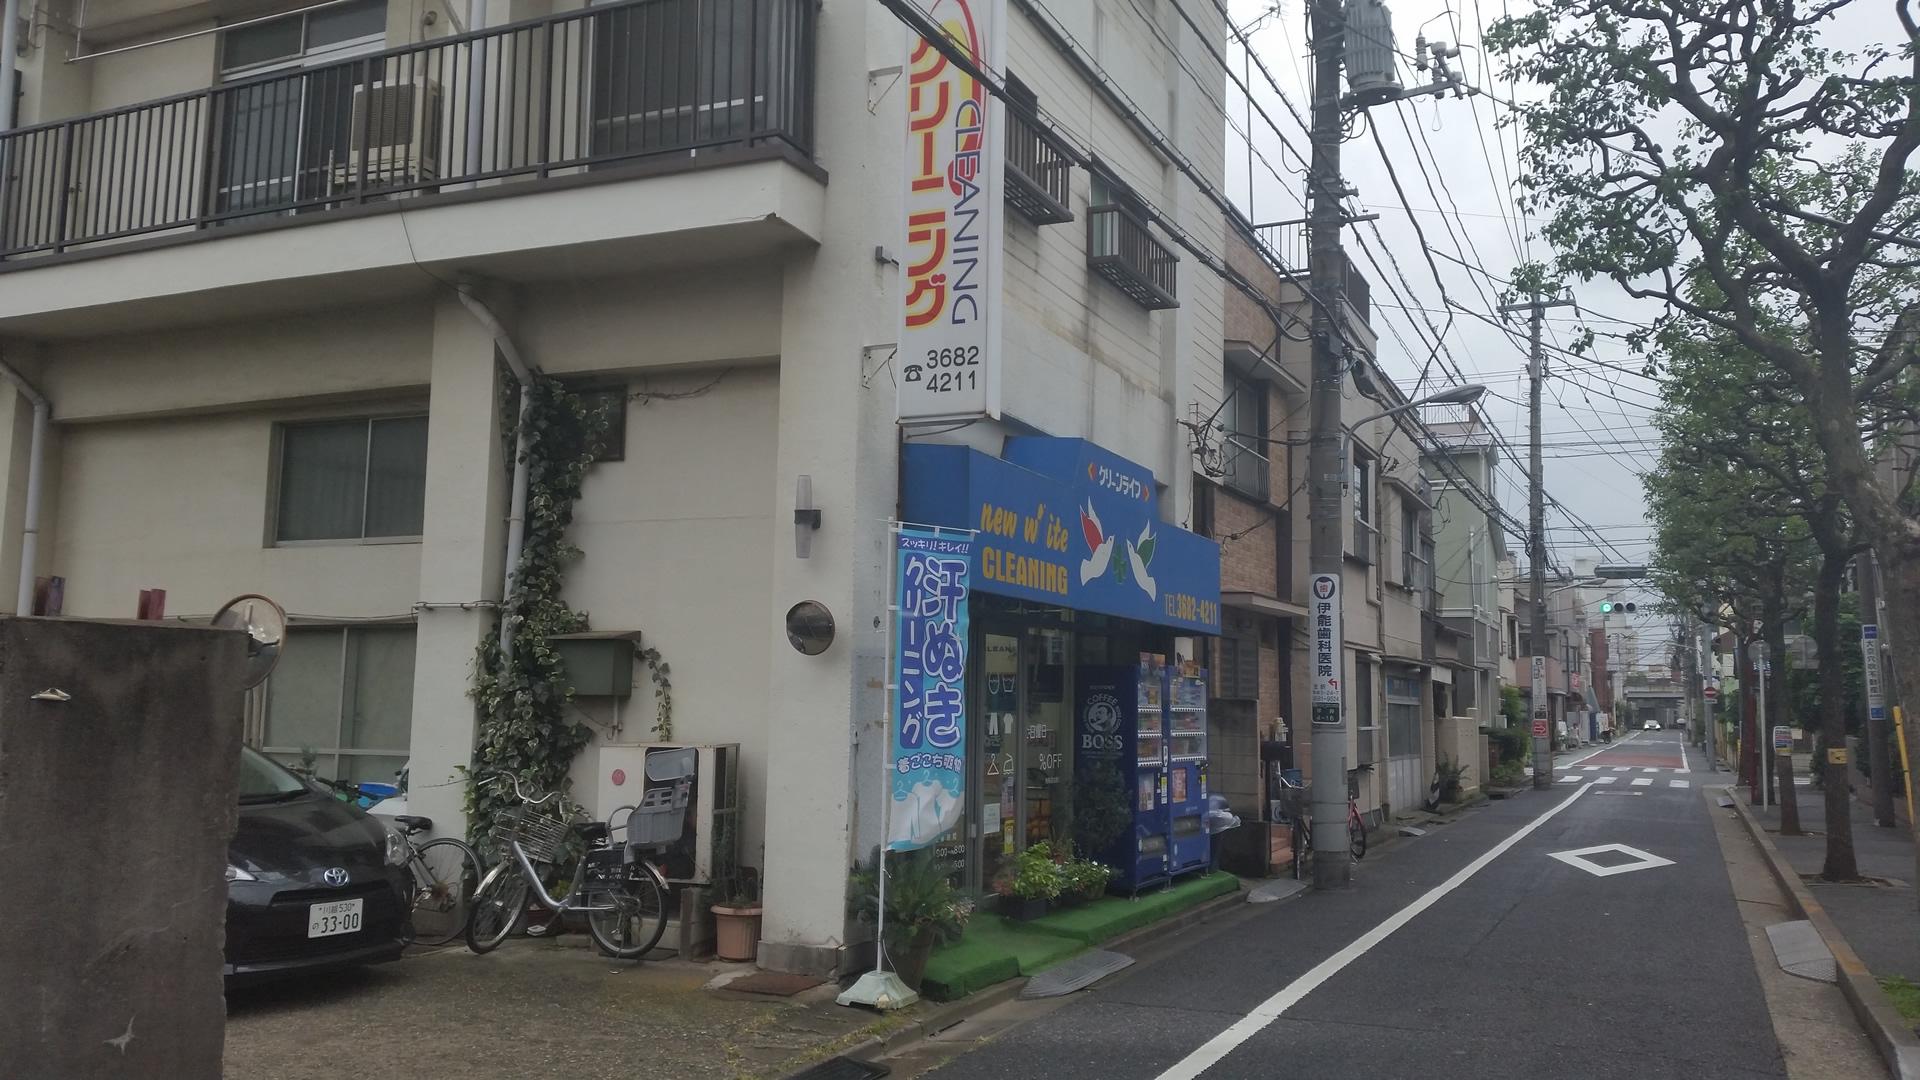 ニューホワイトクリーニング 平井店 江戸川区平井 平井駅